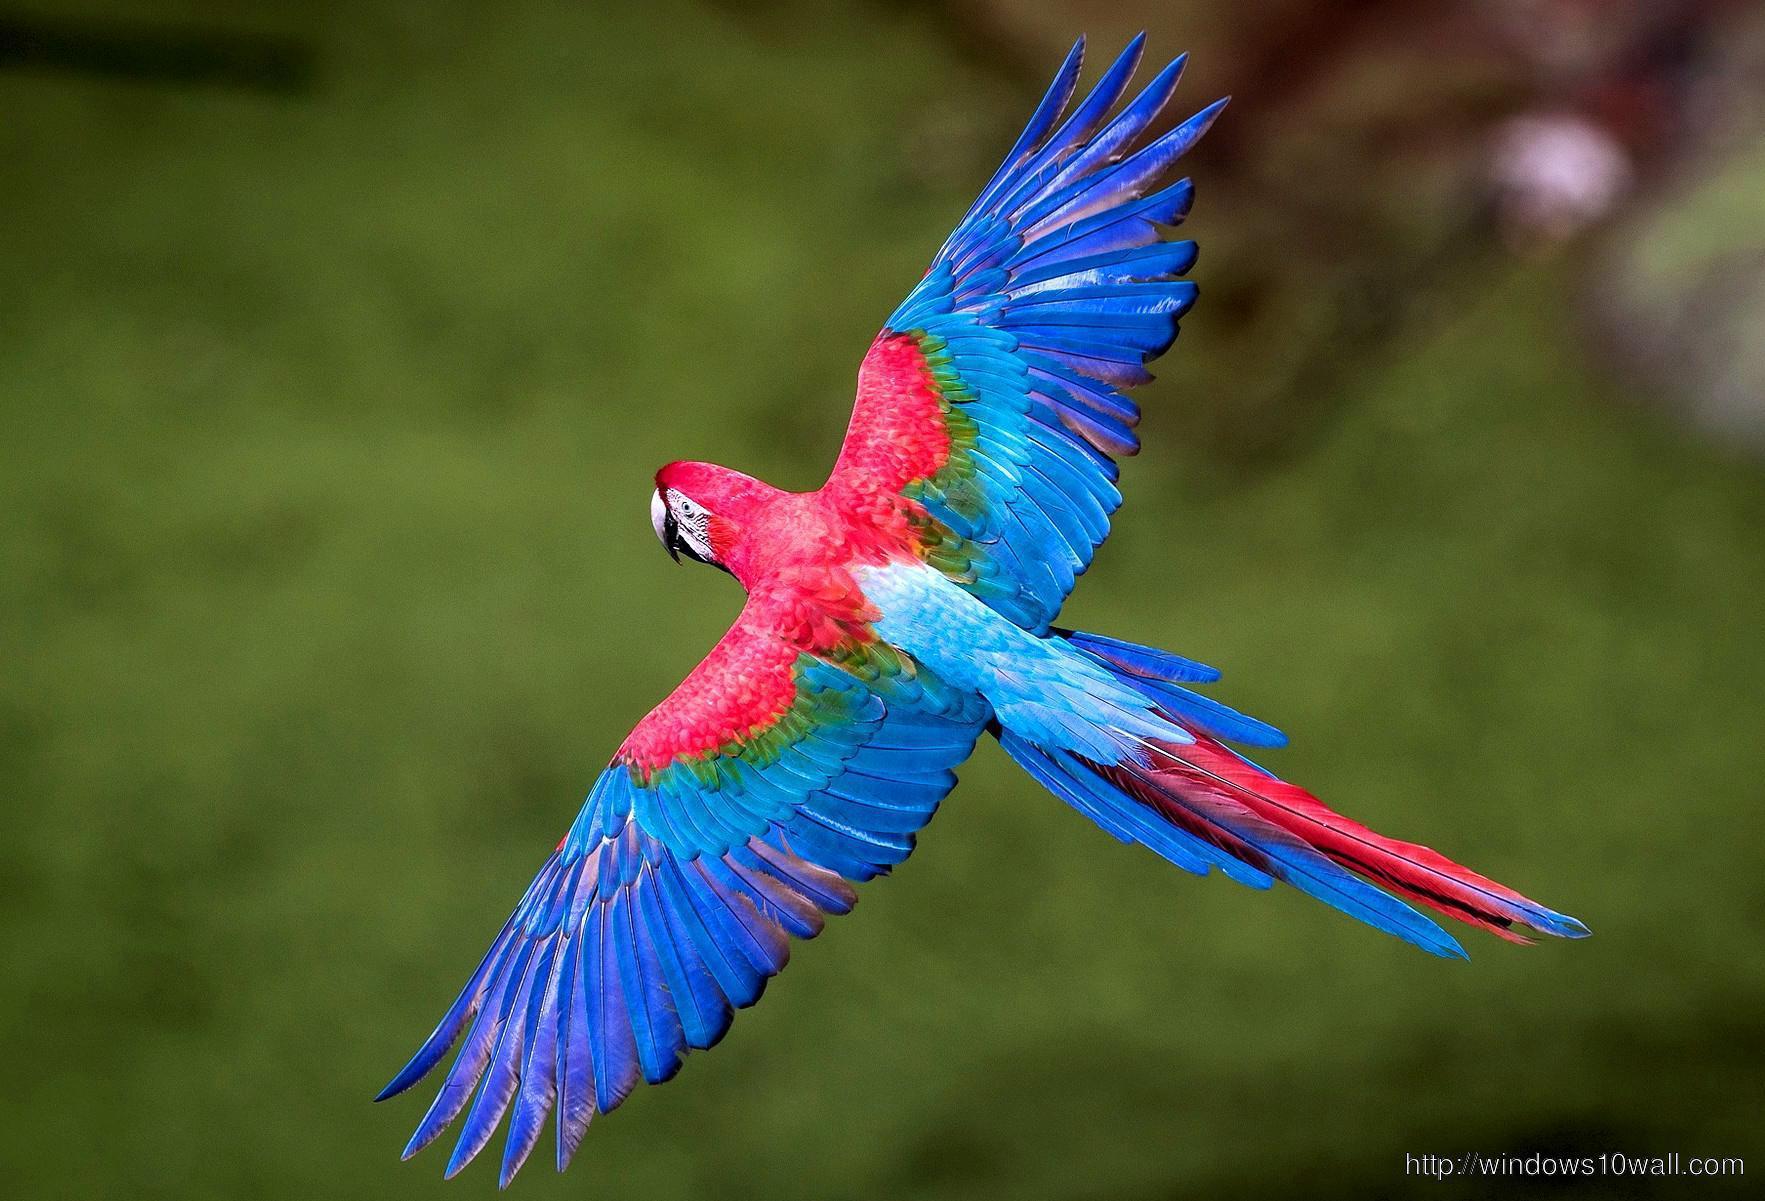 blue-birds-flying-wallpaper